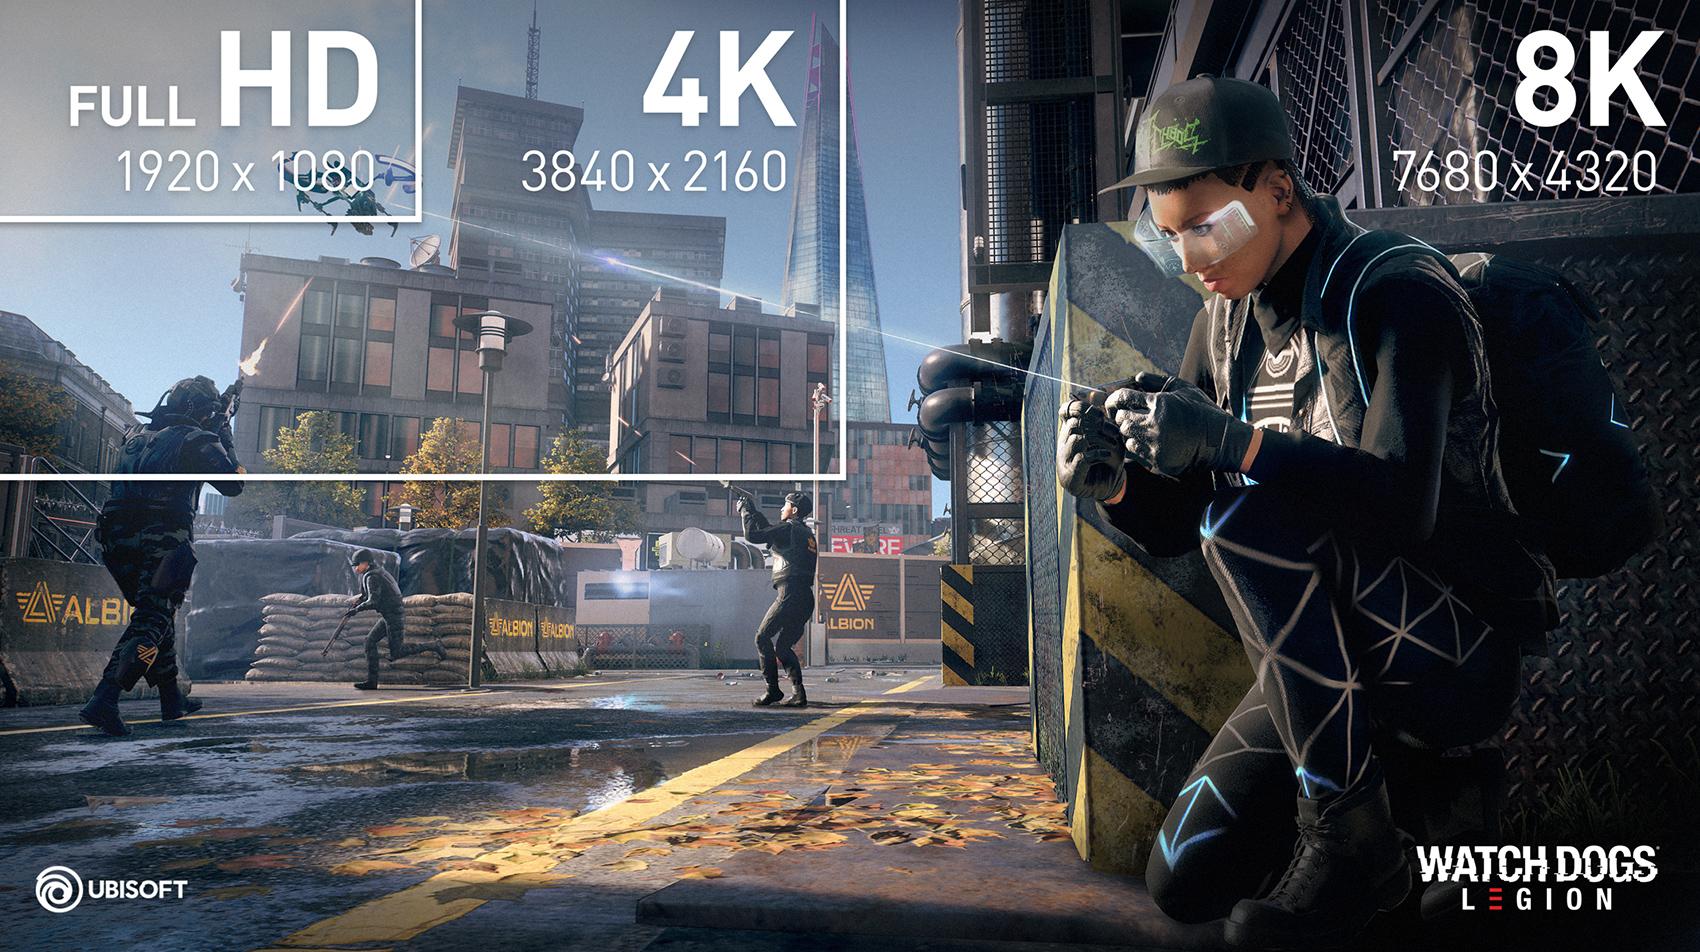 8K HDR & DLSS Technology | NVIDIA